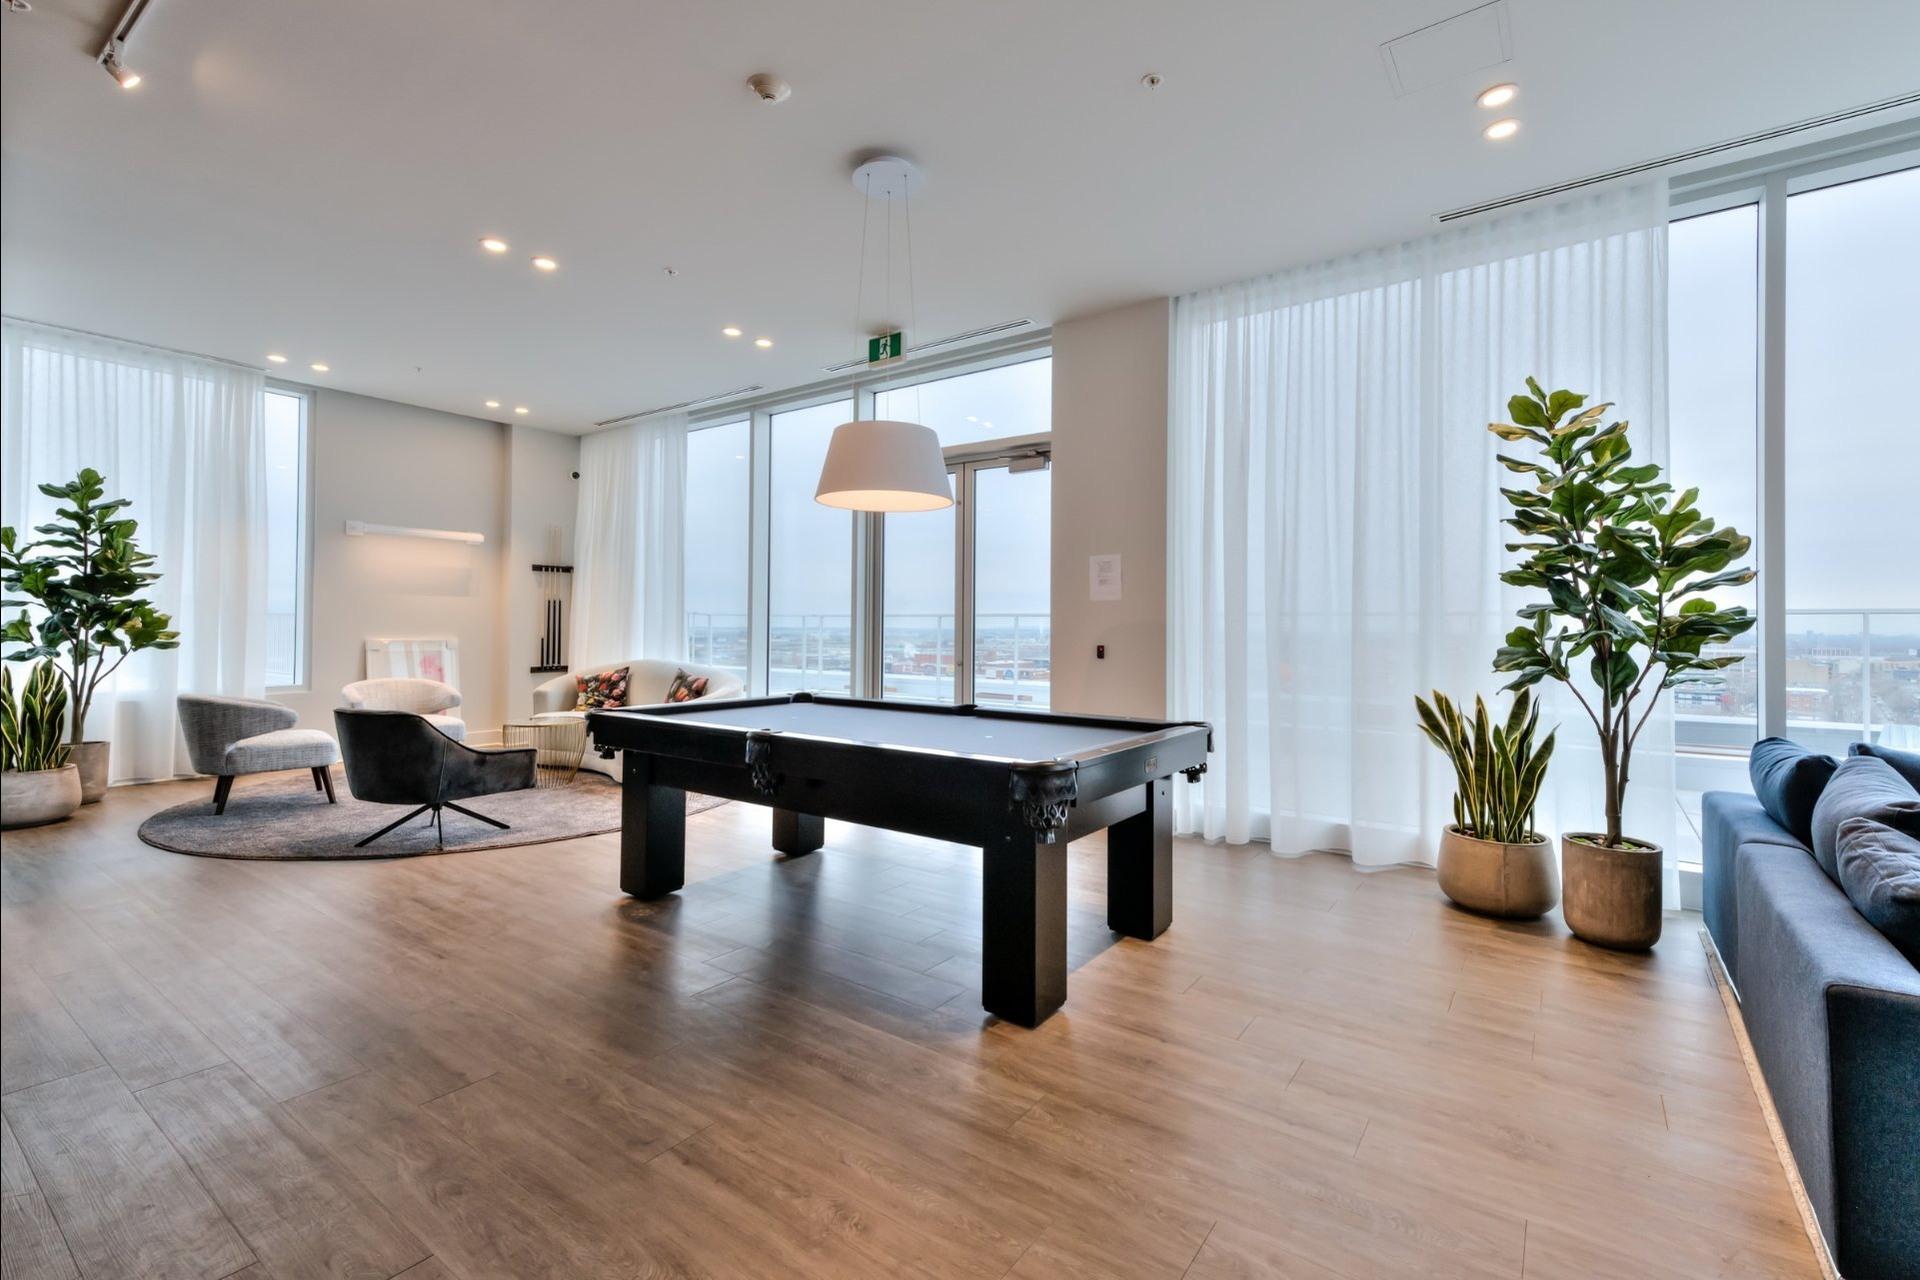 image 43 - Appartement À vendre Côte-des-Neiges/Notre-Dame-de-Grâce Montréal  - 16 pièces